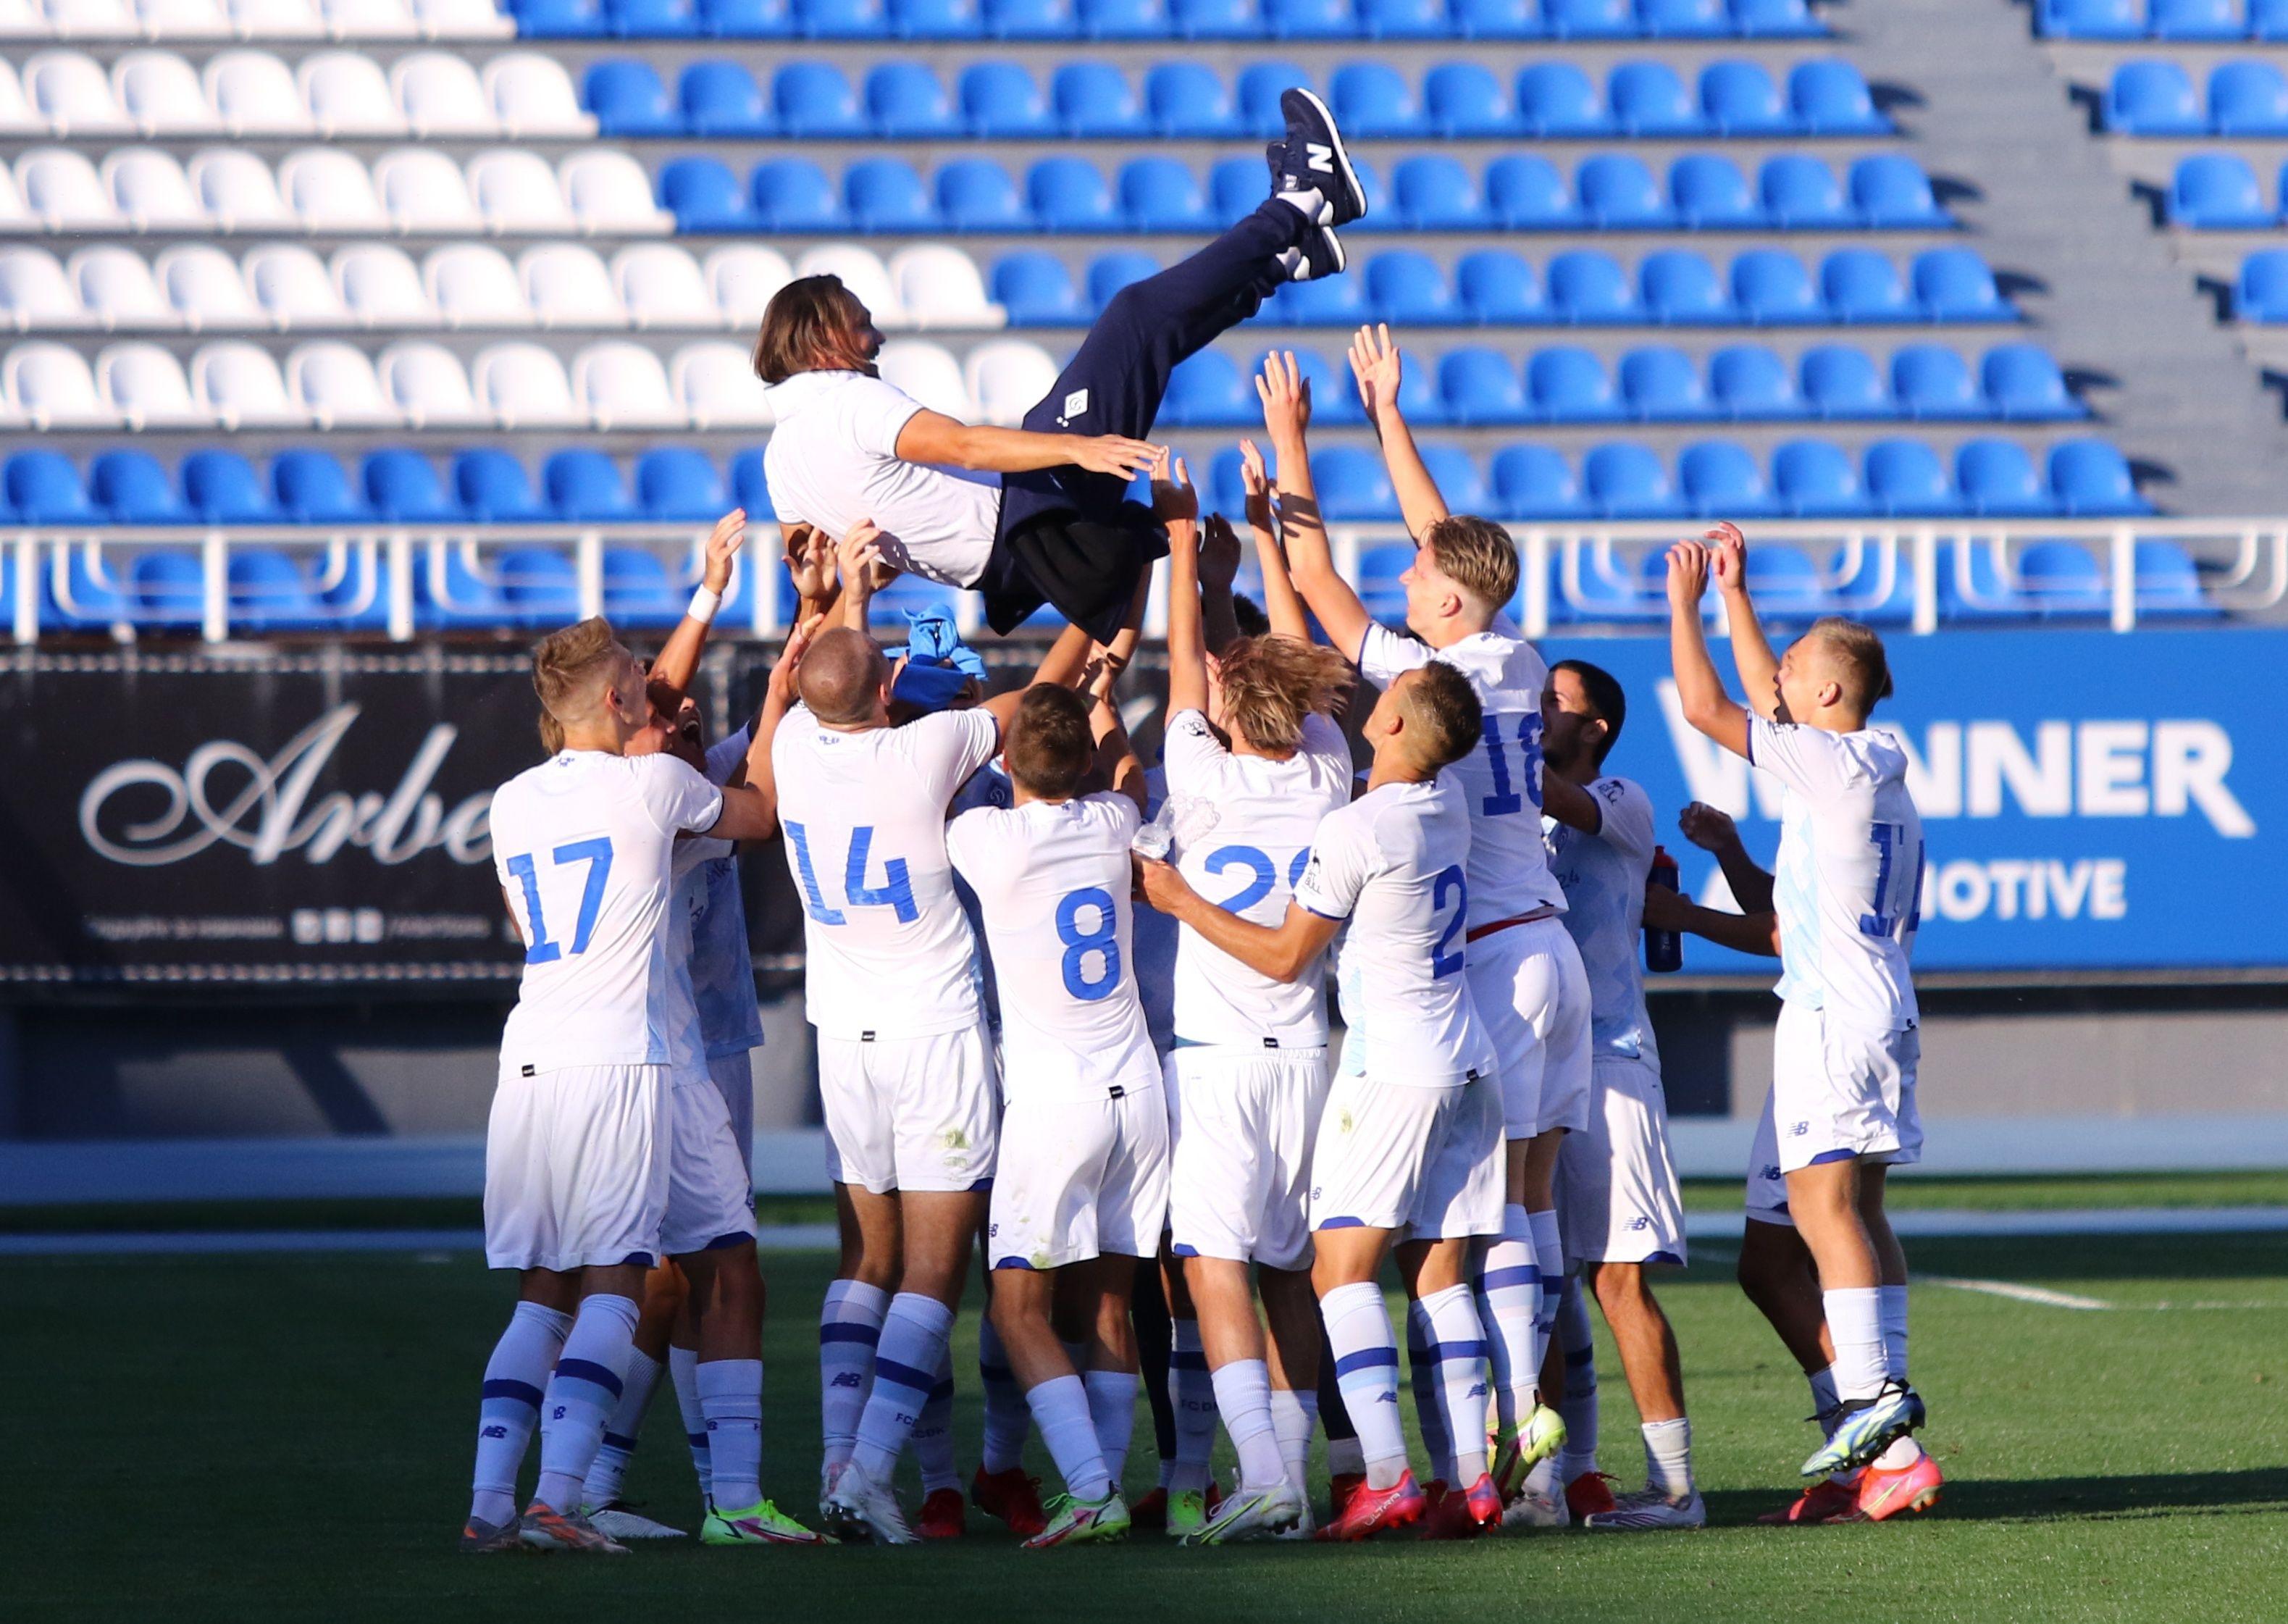 Відмінний старт! ФОТО репортаж з матчу Юнацької ліги УЄФА Динамо - Бенфіка 4:0 - фото 29